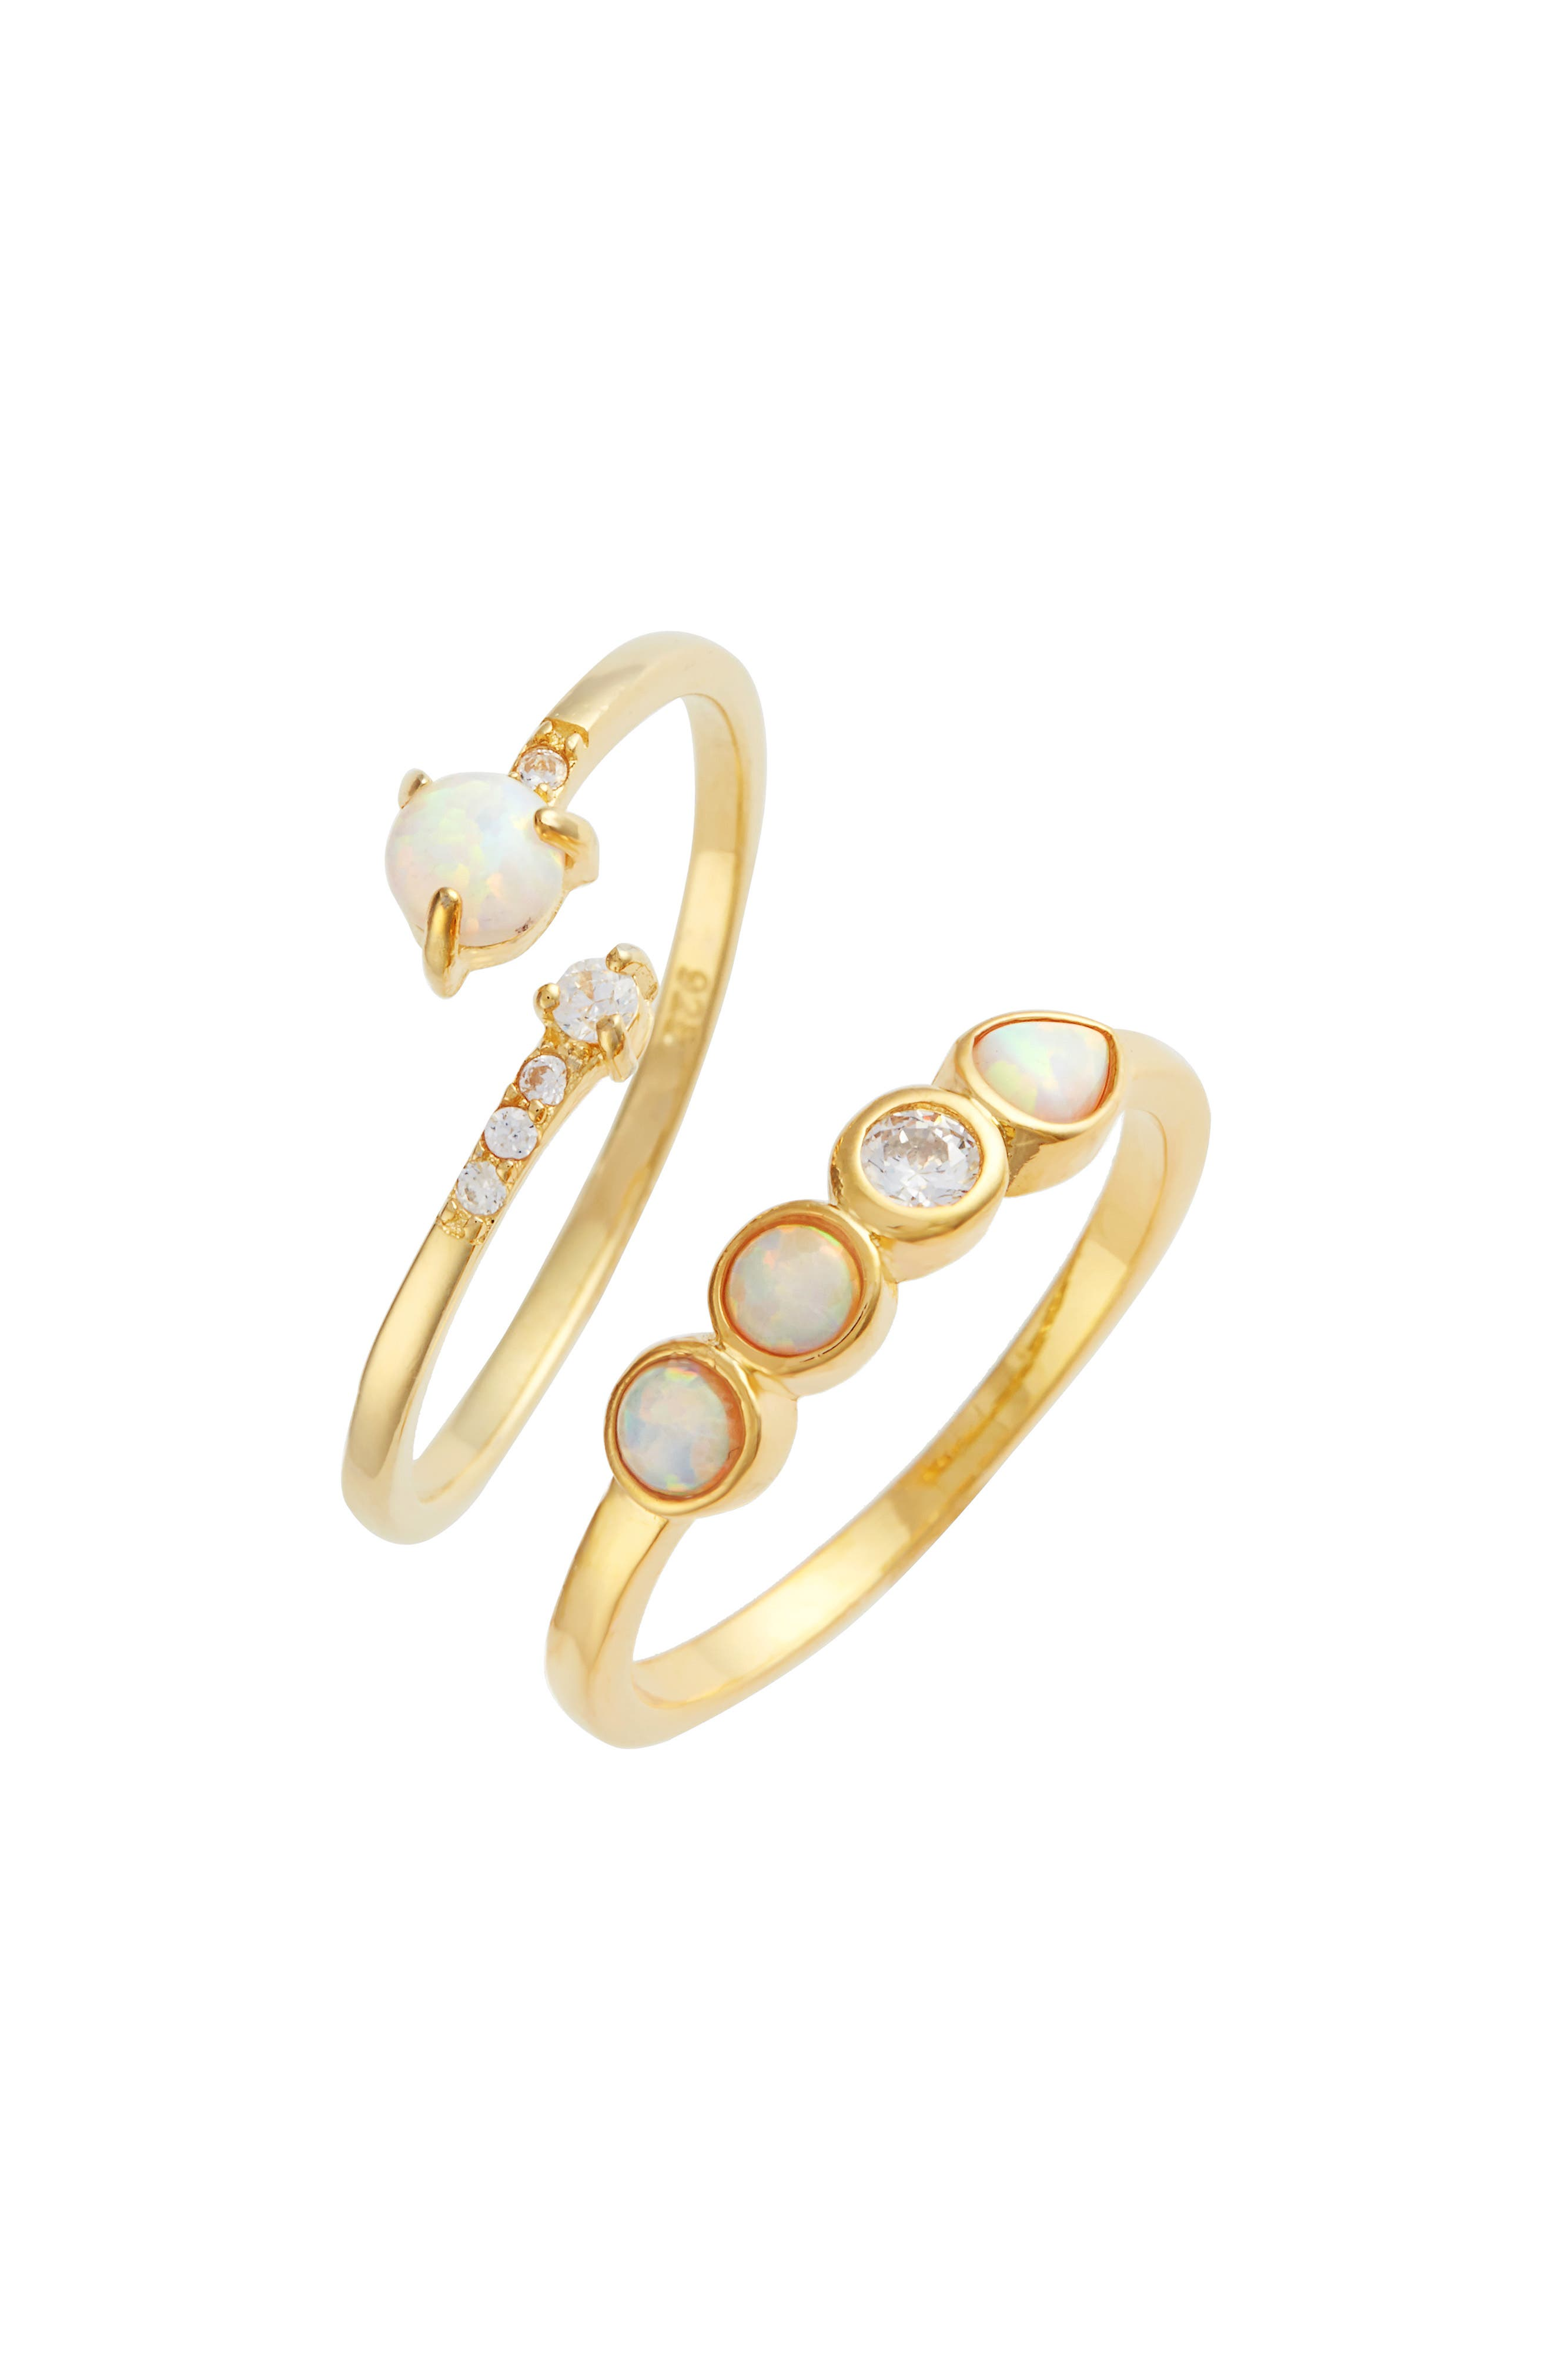 Lydia Set of 2 Opal & Crystal Rings,                             Main thumbnail 1, color,                             Gold